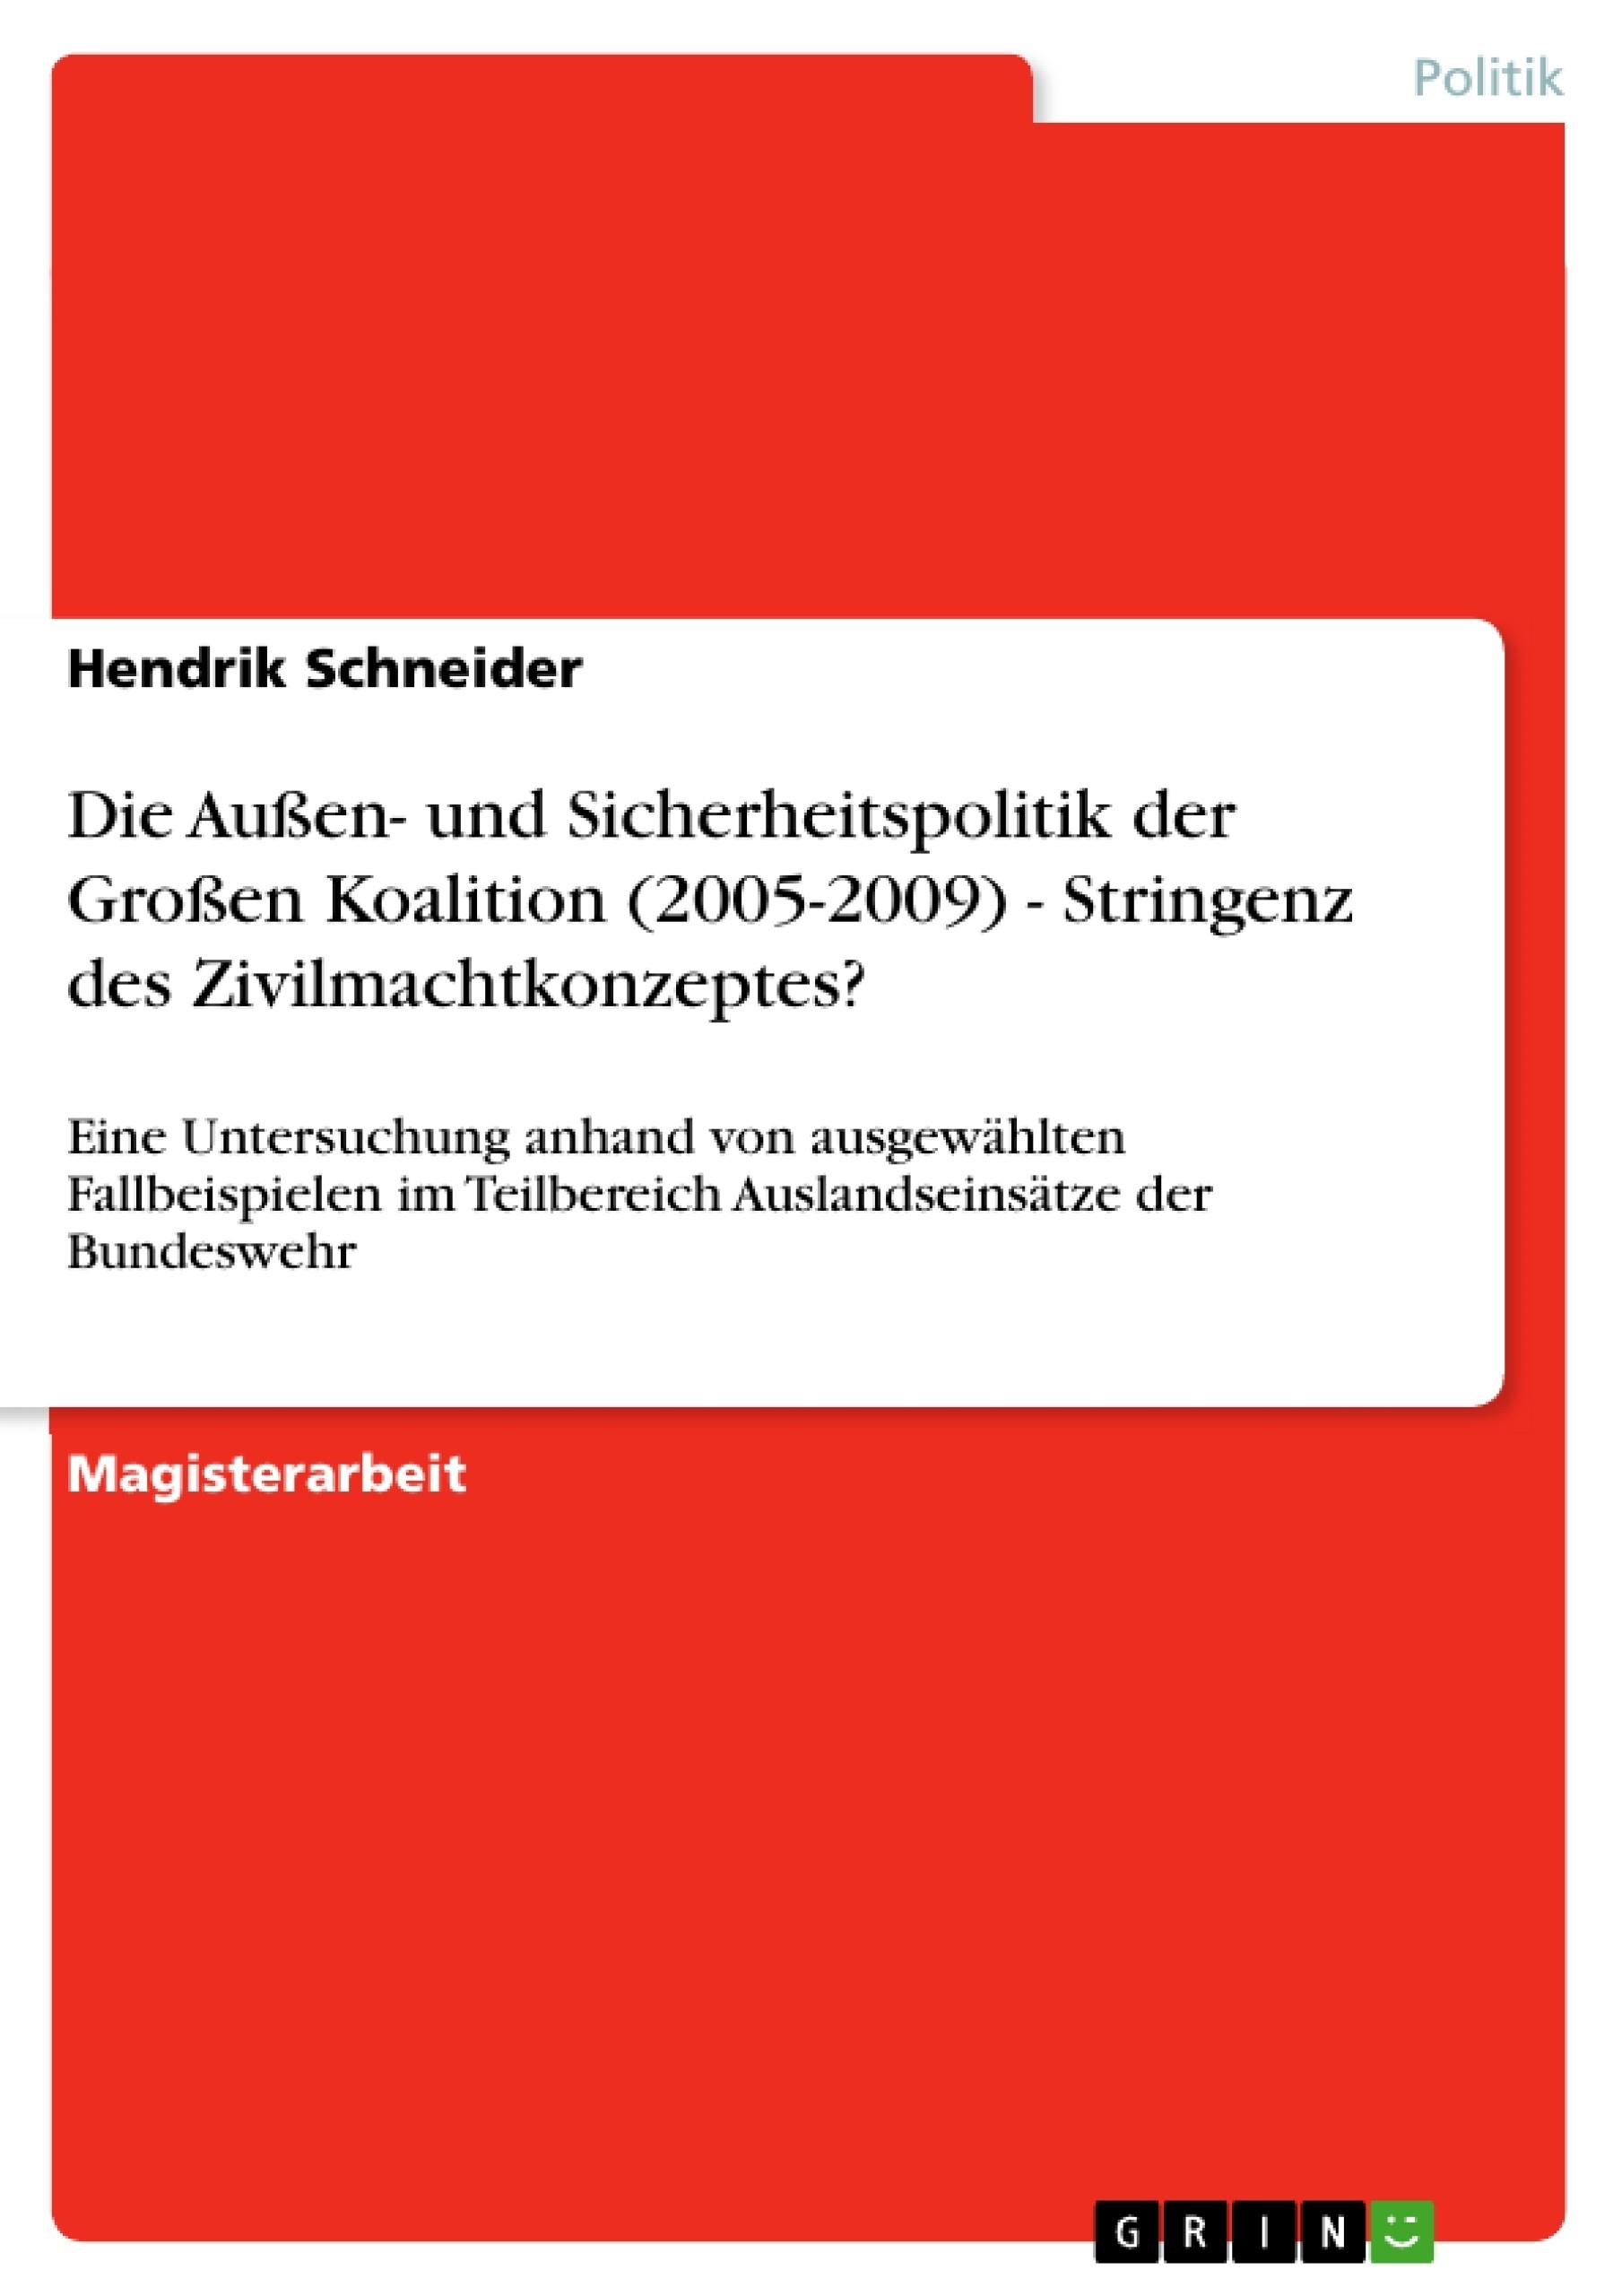 Titel: Die Außen- und Sicherheitspolitik der Großen Koalition (2005-2009) - Stringenz des Zivilmachtkonzeptes?